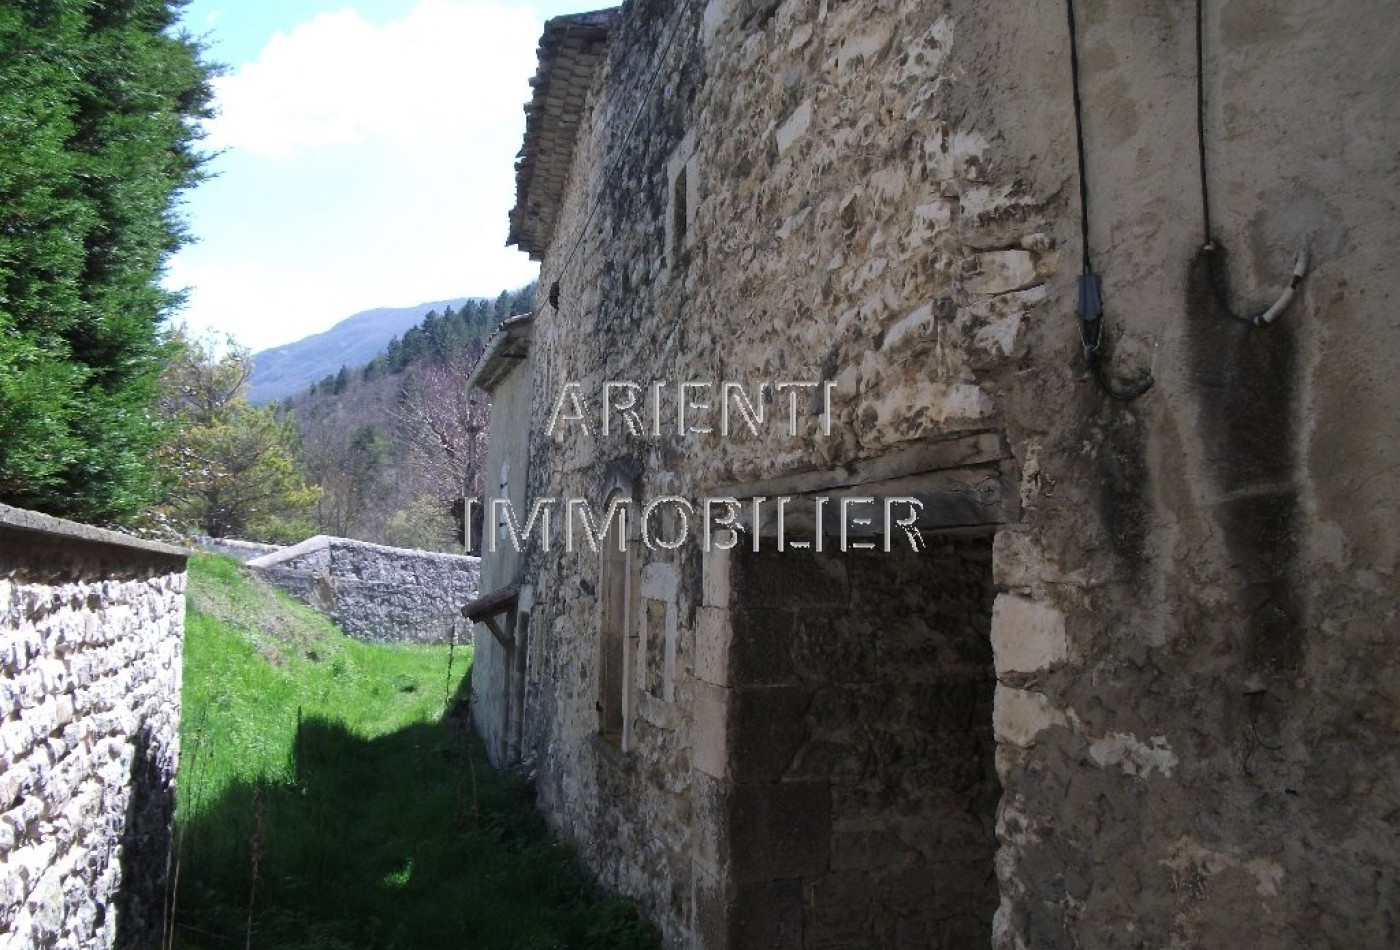 A vendre  Montjoux | Réf 260012751 - Office immobilier arienti